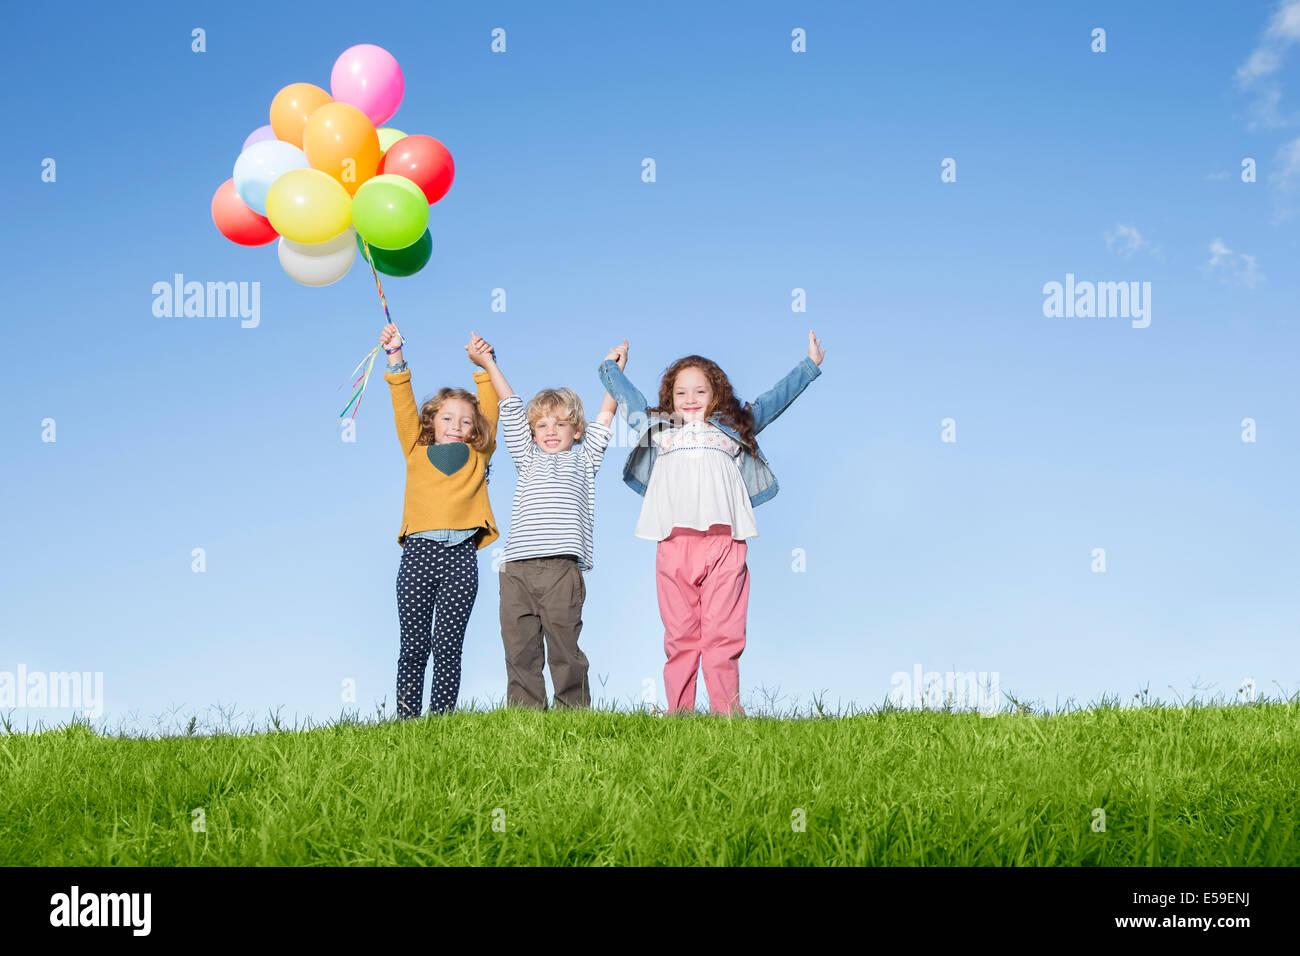 Kinder mit Luftballons auf grasbewachsenen Hügel jubeln Stockfoto